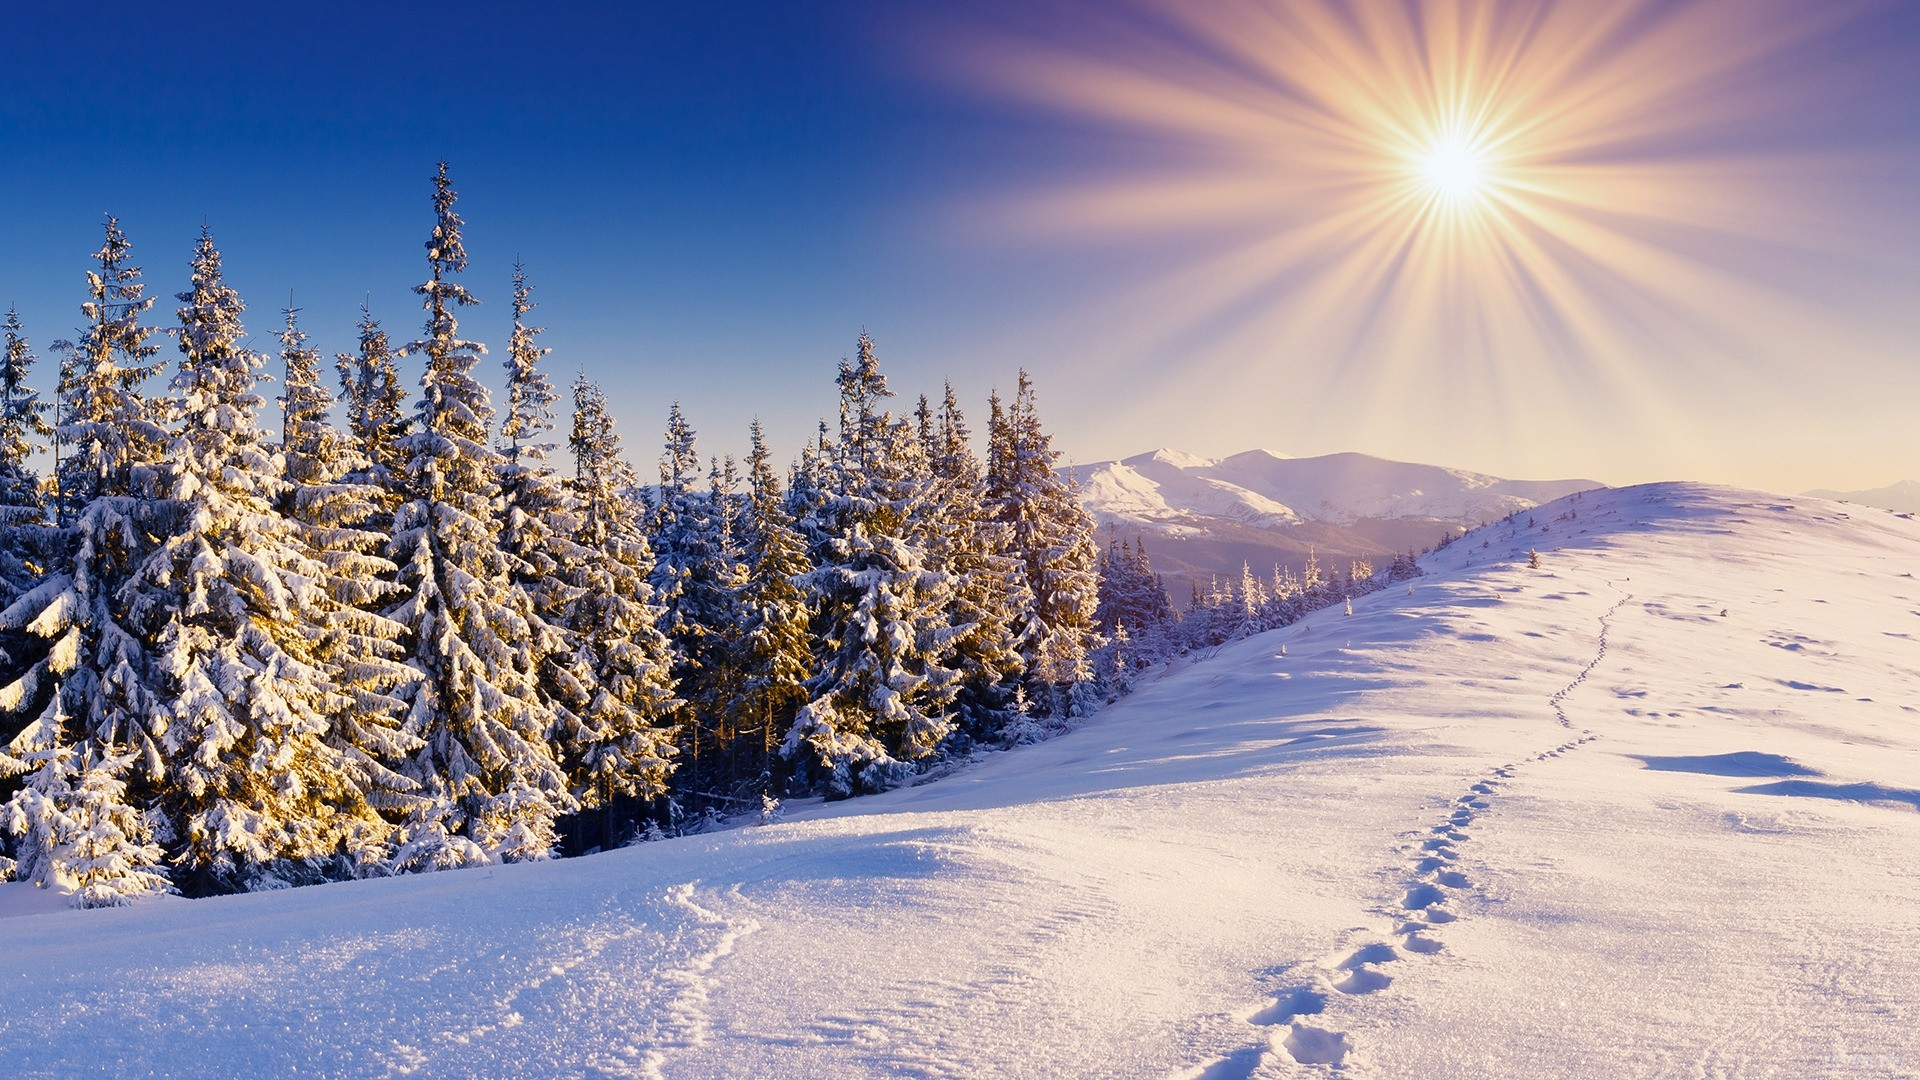 Winter Sun Wallpaper Winter Nature (65 Wallpapers)